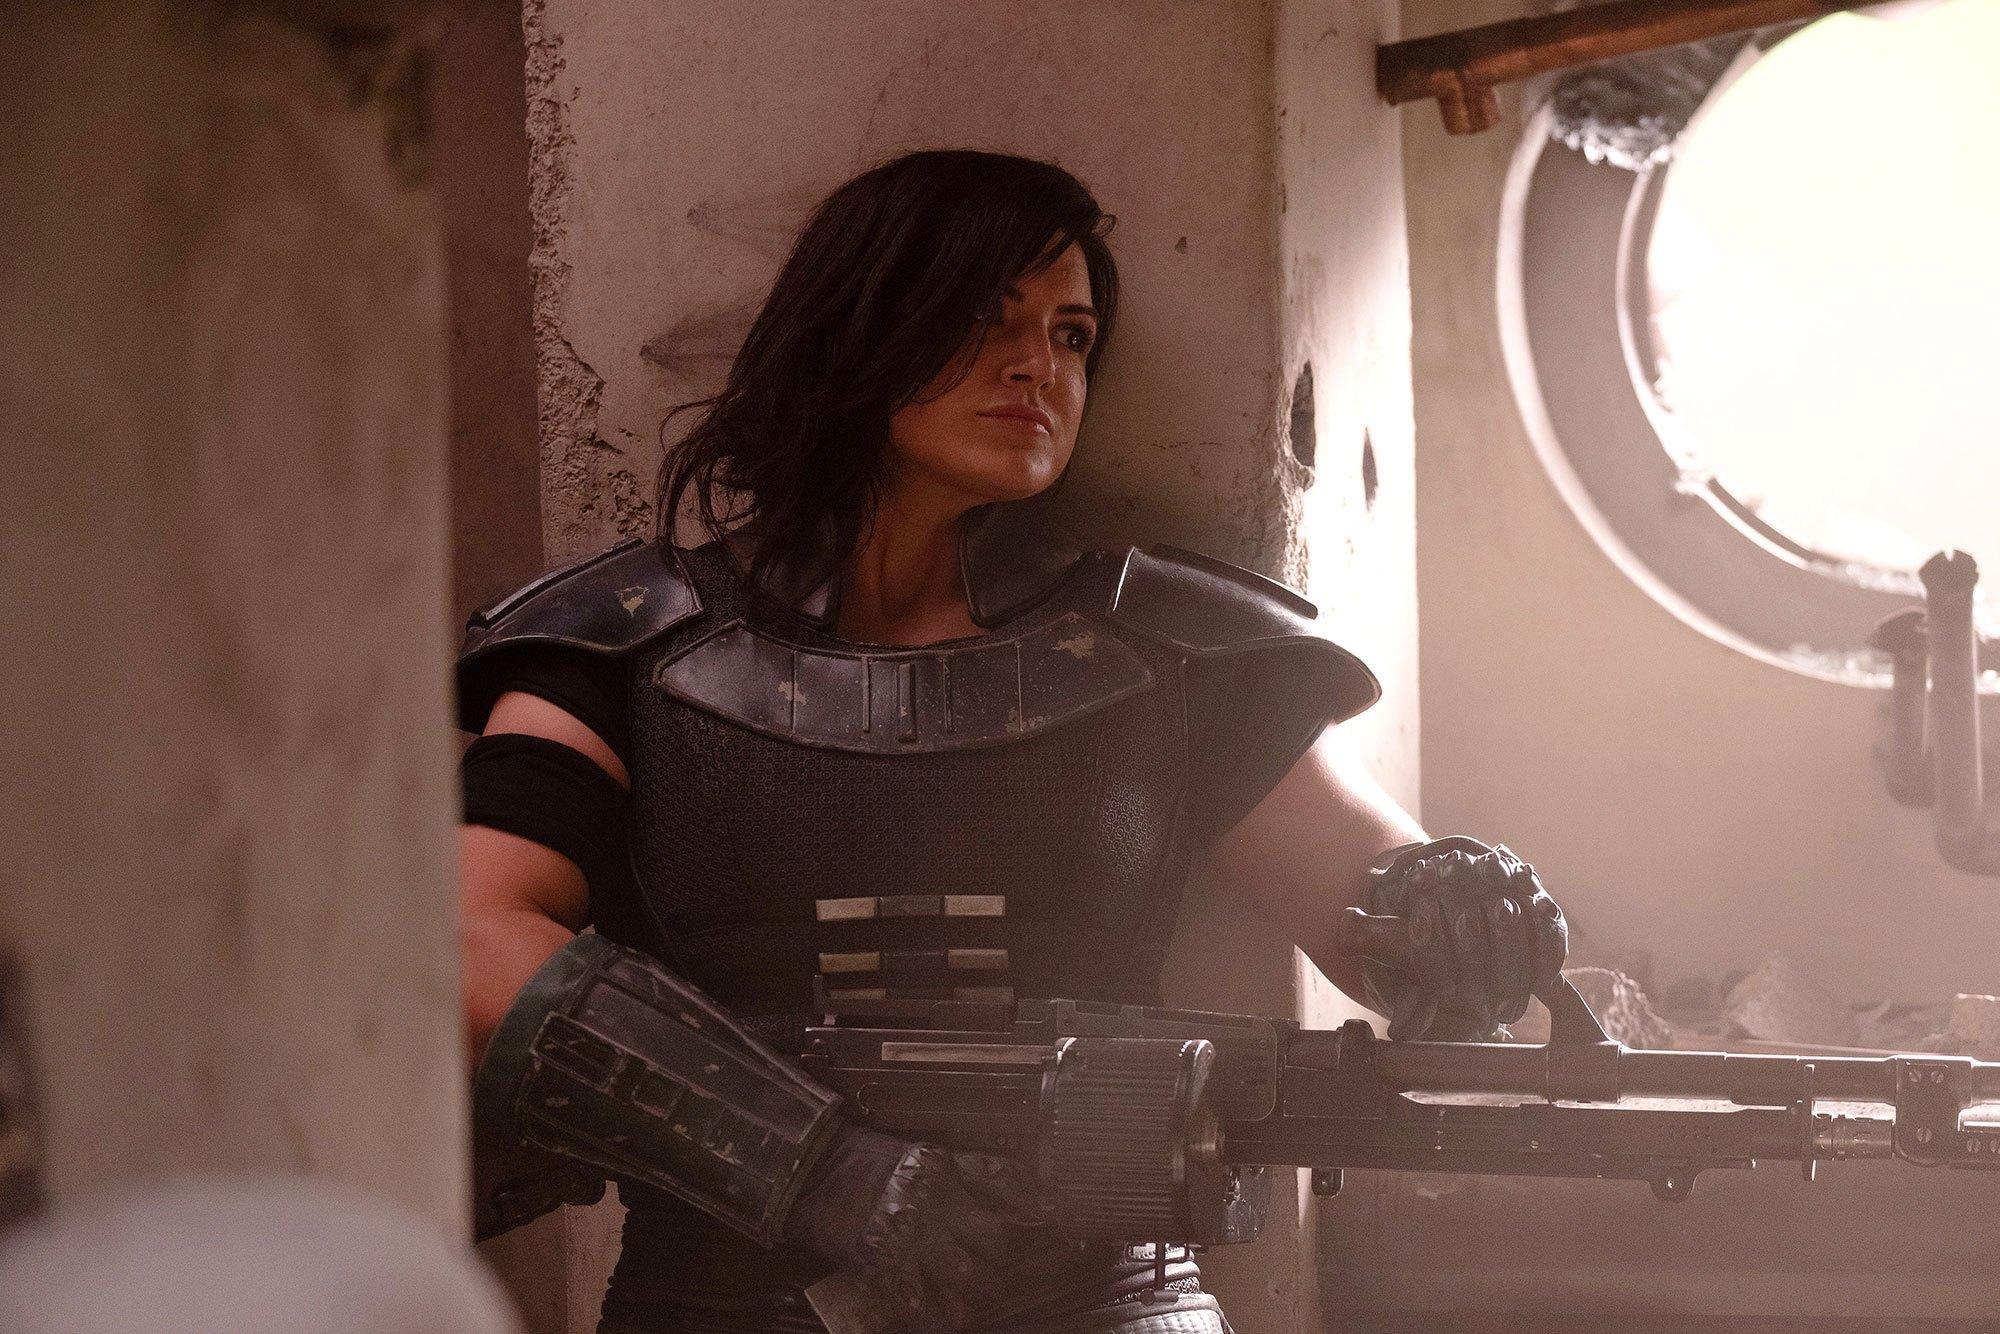 'The Mandalorian' ontslaat actrice Gina Carano op staande voet - SerieTotaal